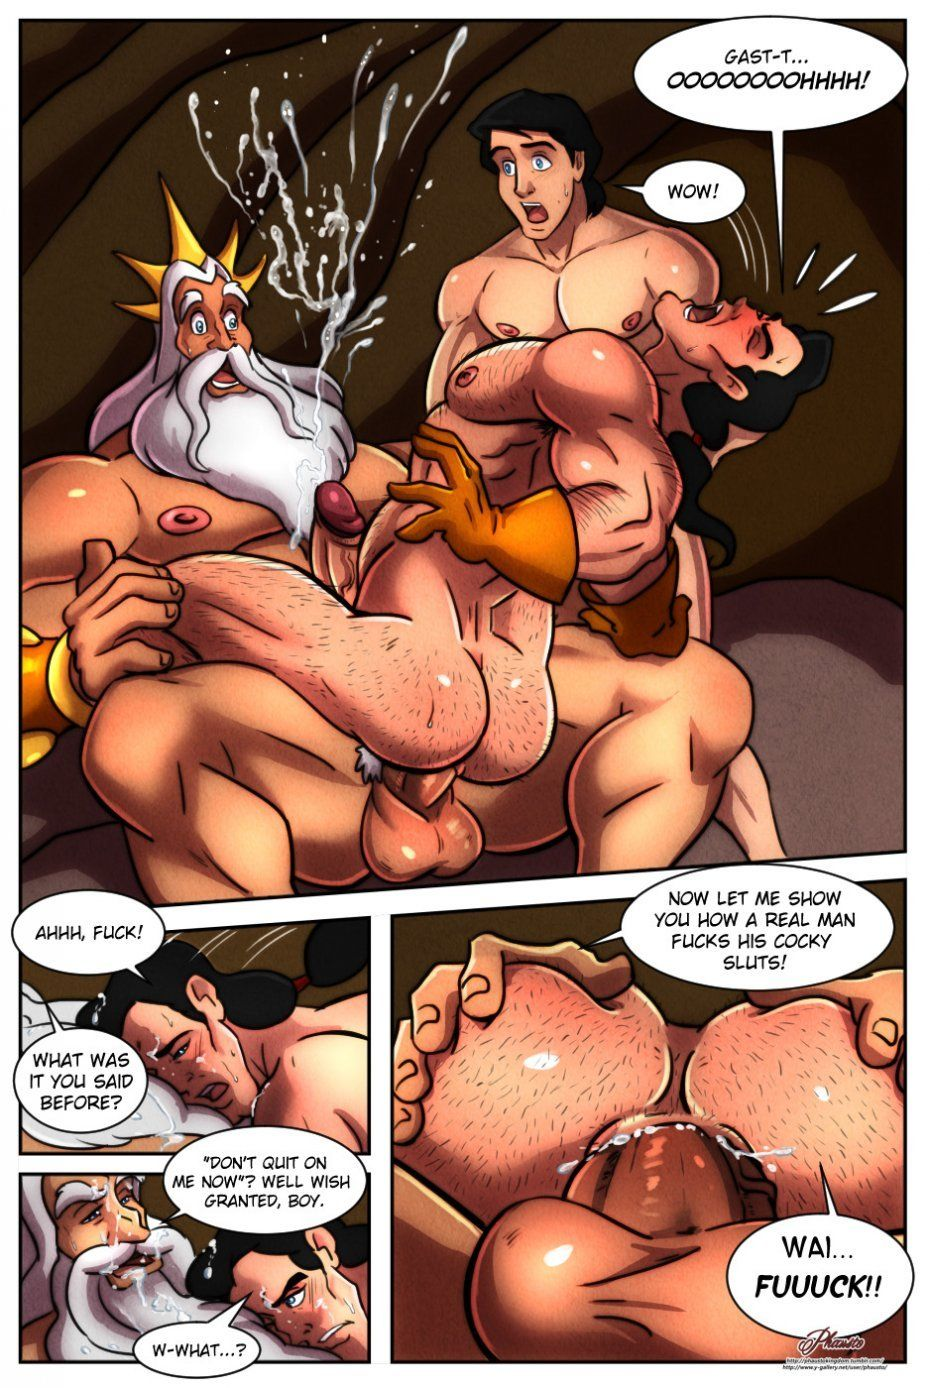 Hentaihome-Os-machos-da-Disney-pornô-gay-14